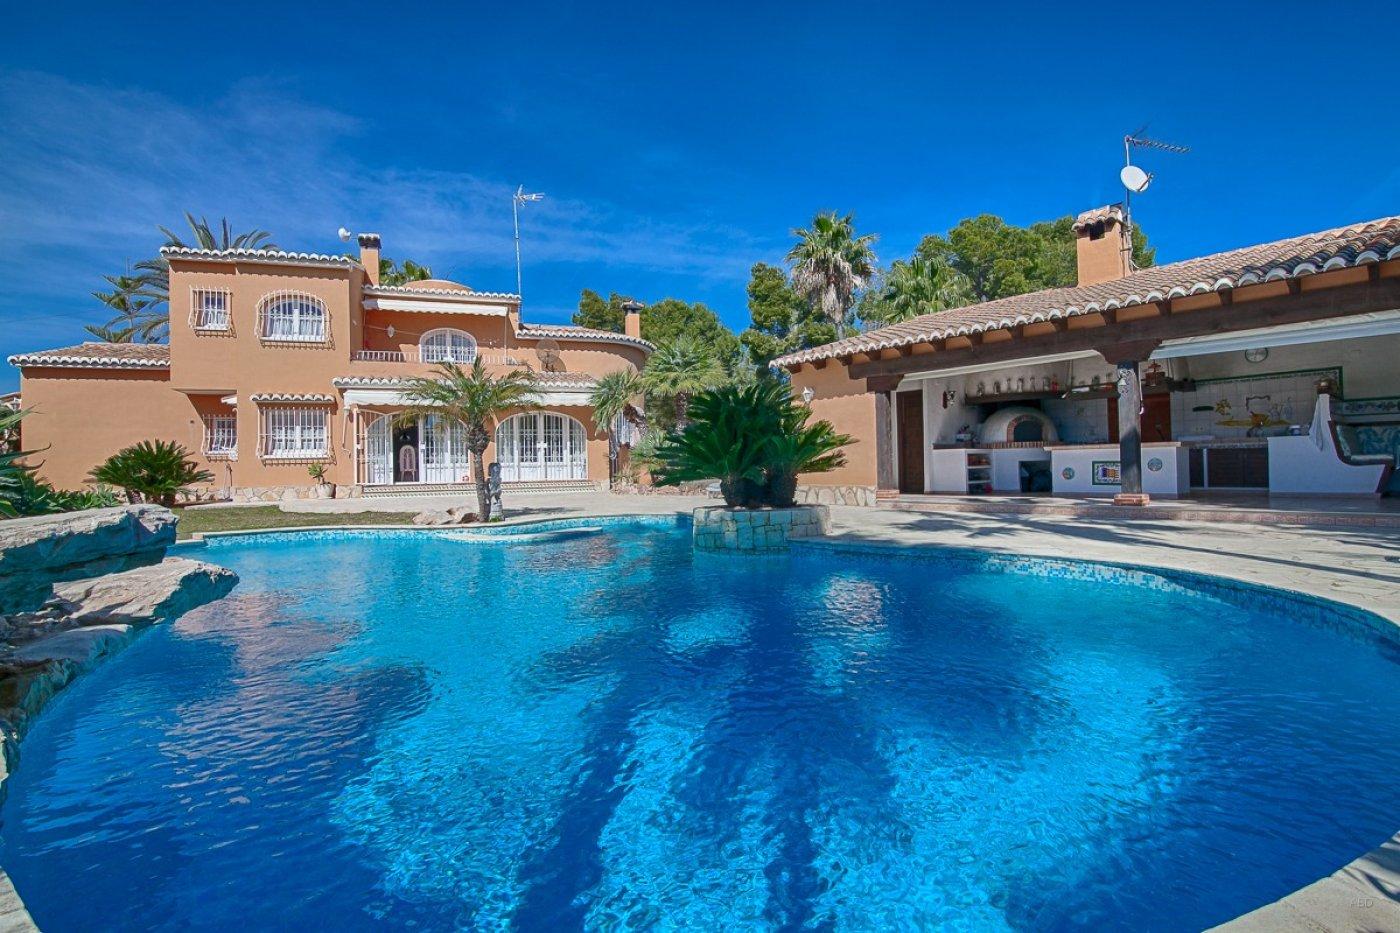 Villa - Ready To Move And Live - San Jaime - Moraira